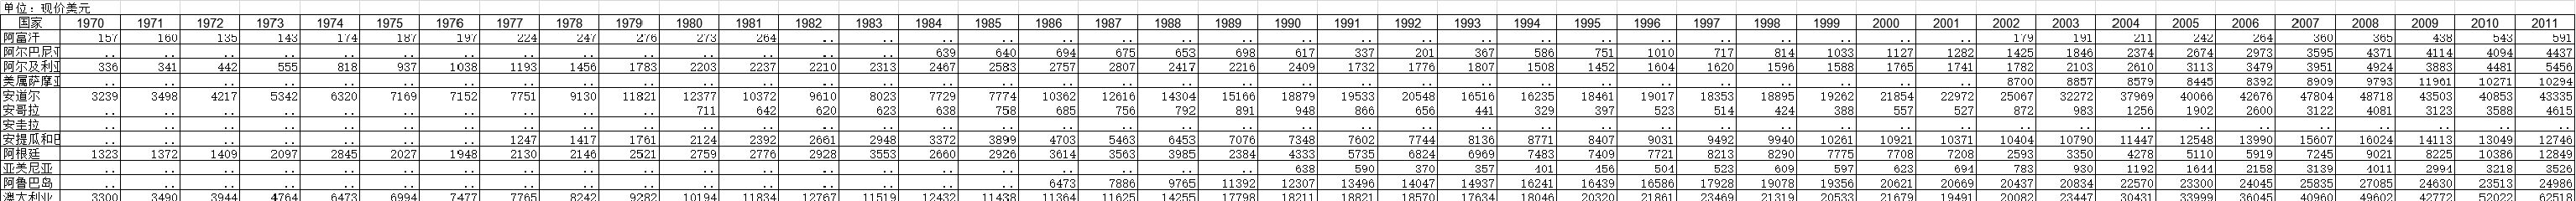 1970-2019年全球各国家人均GDP统计